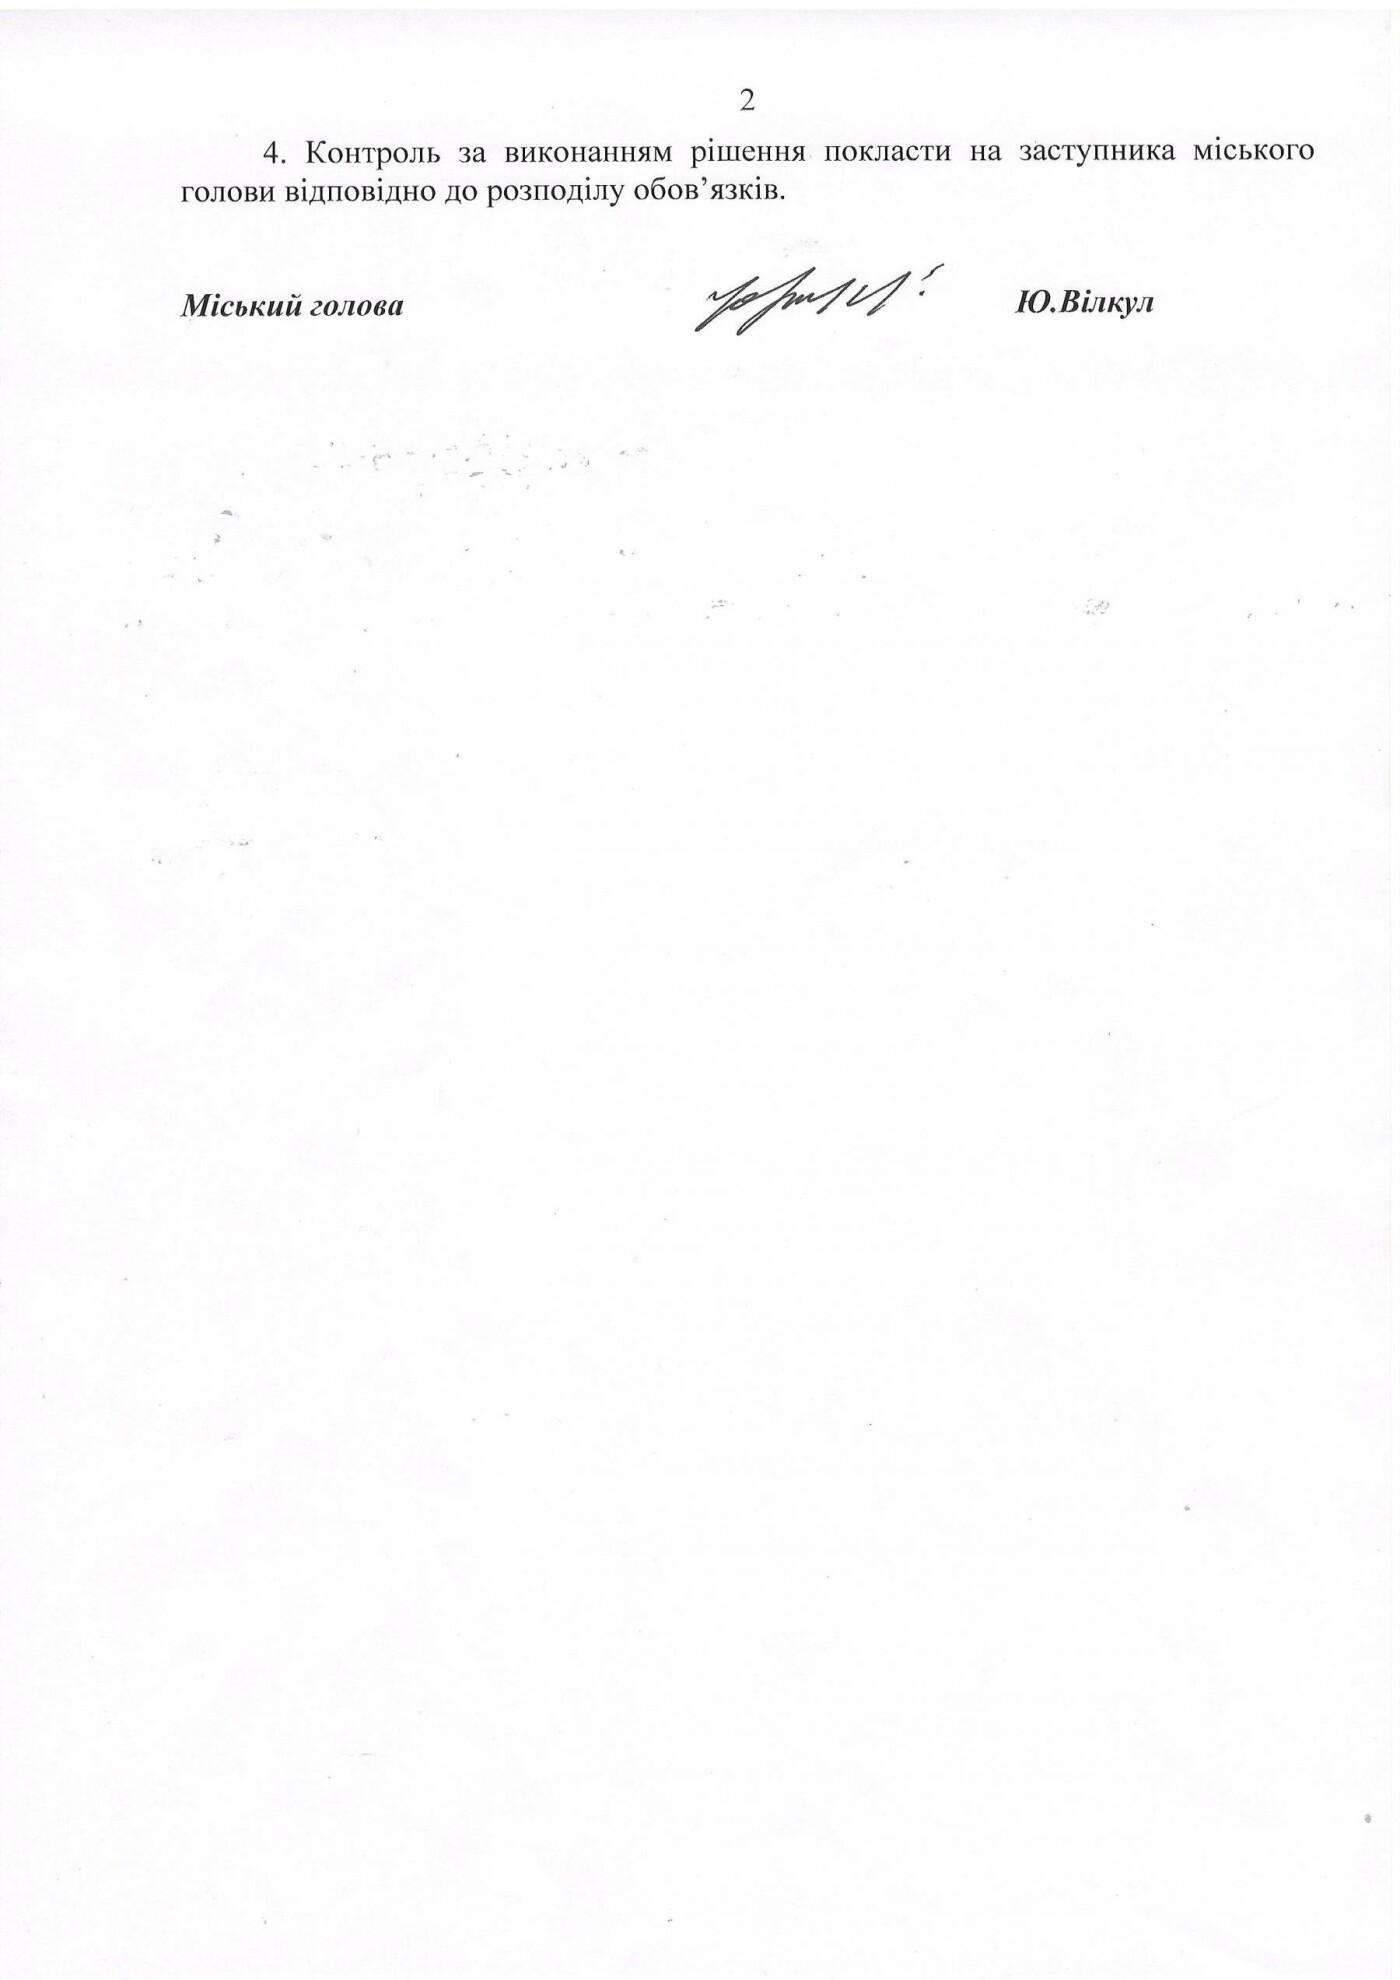 Мэр подписал распоряжение о начале отопительного сезона в Кривом Роге (ДОКУМЕНТ), фото-2